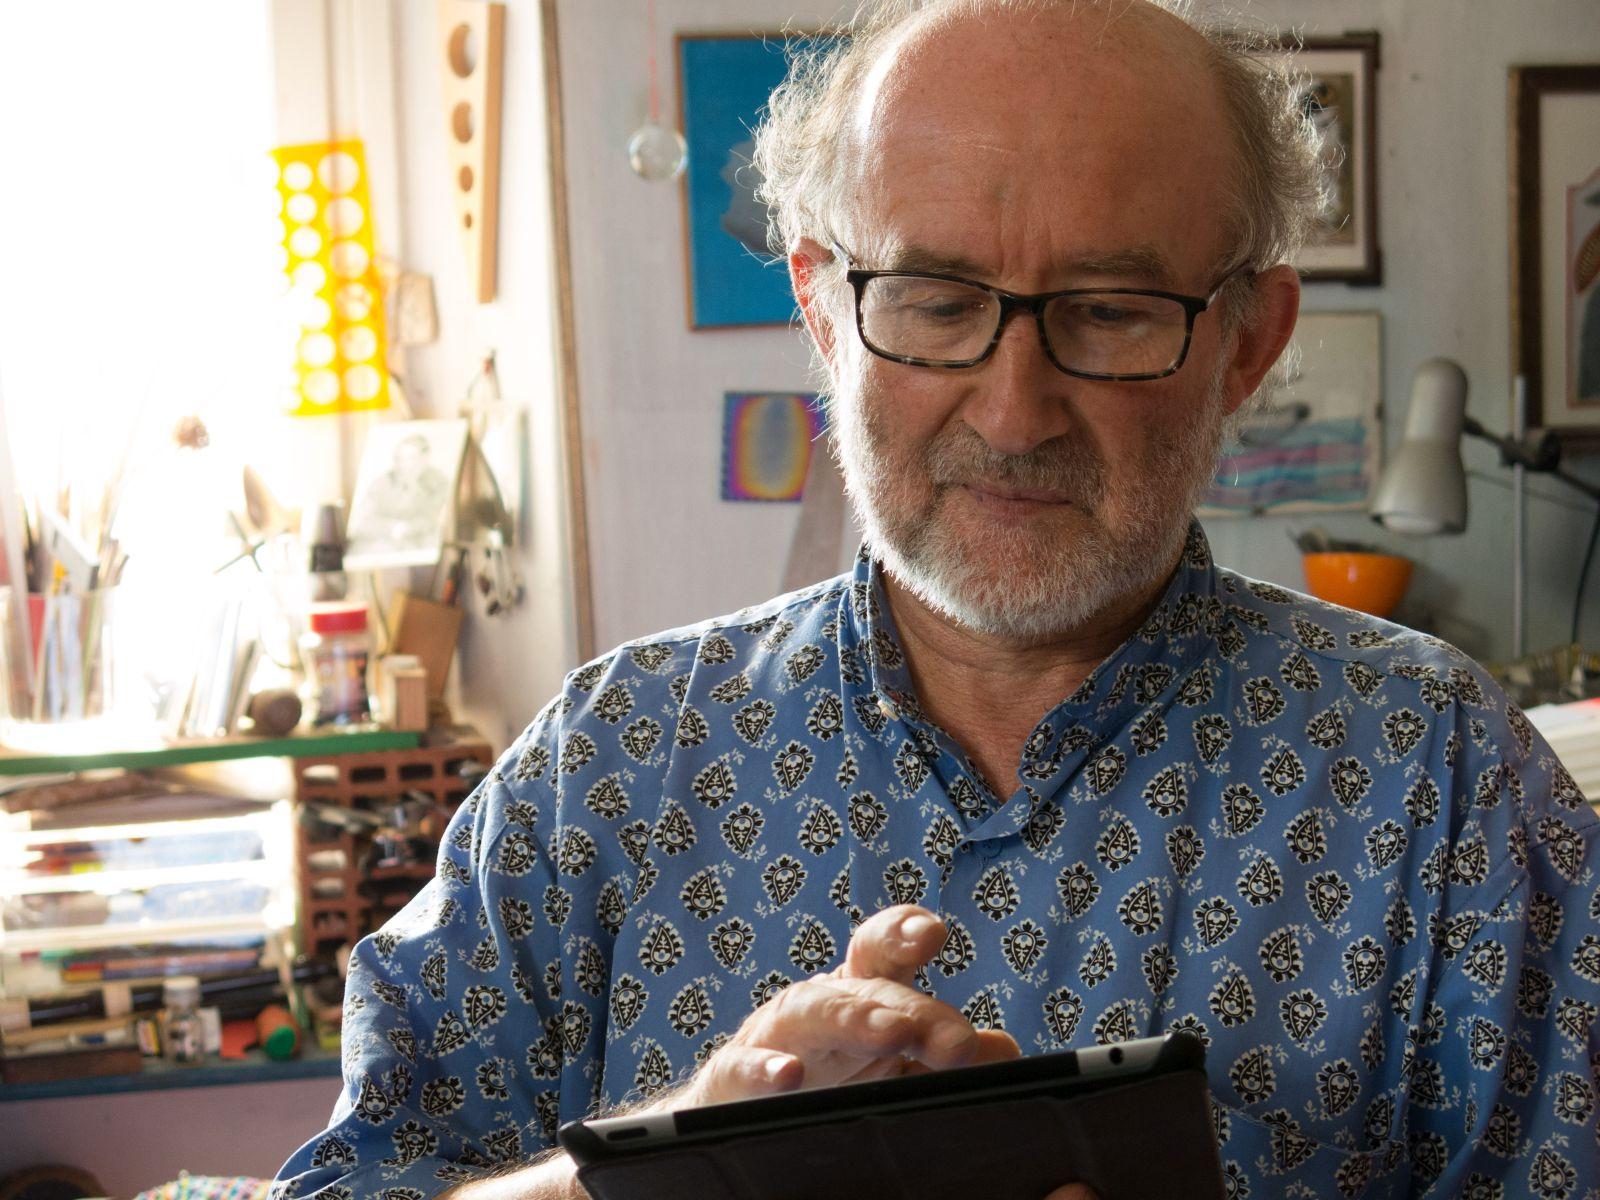 Il fiume ha sempre ragione: Alberto Casiraghy in una scena del documentario